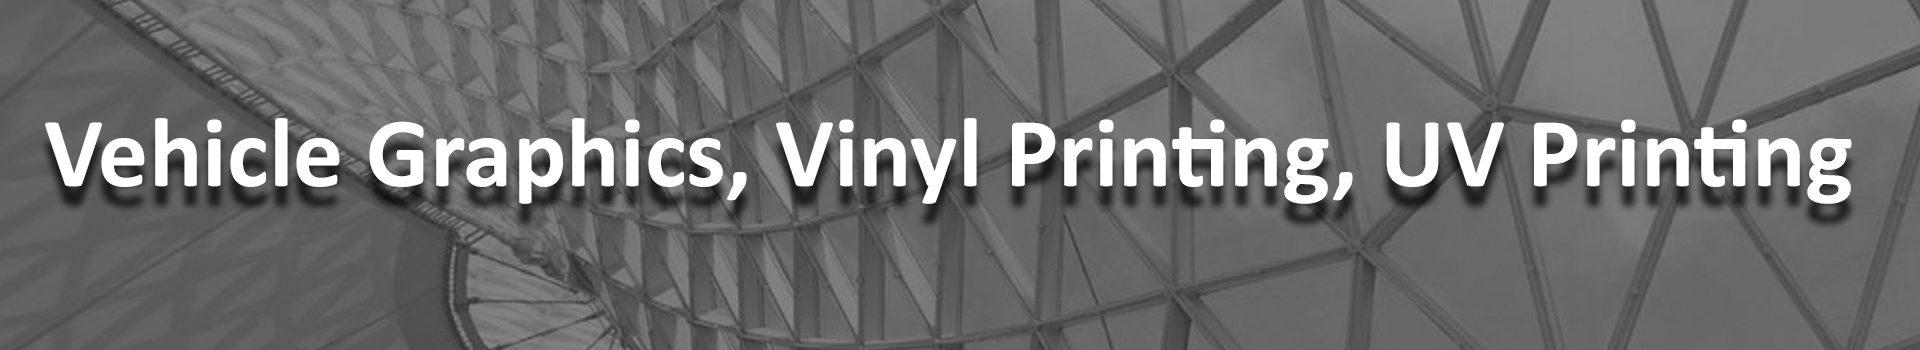 Category Banners_VEG_UV_Vinyl